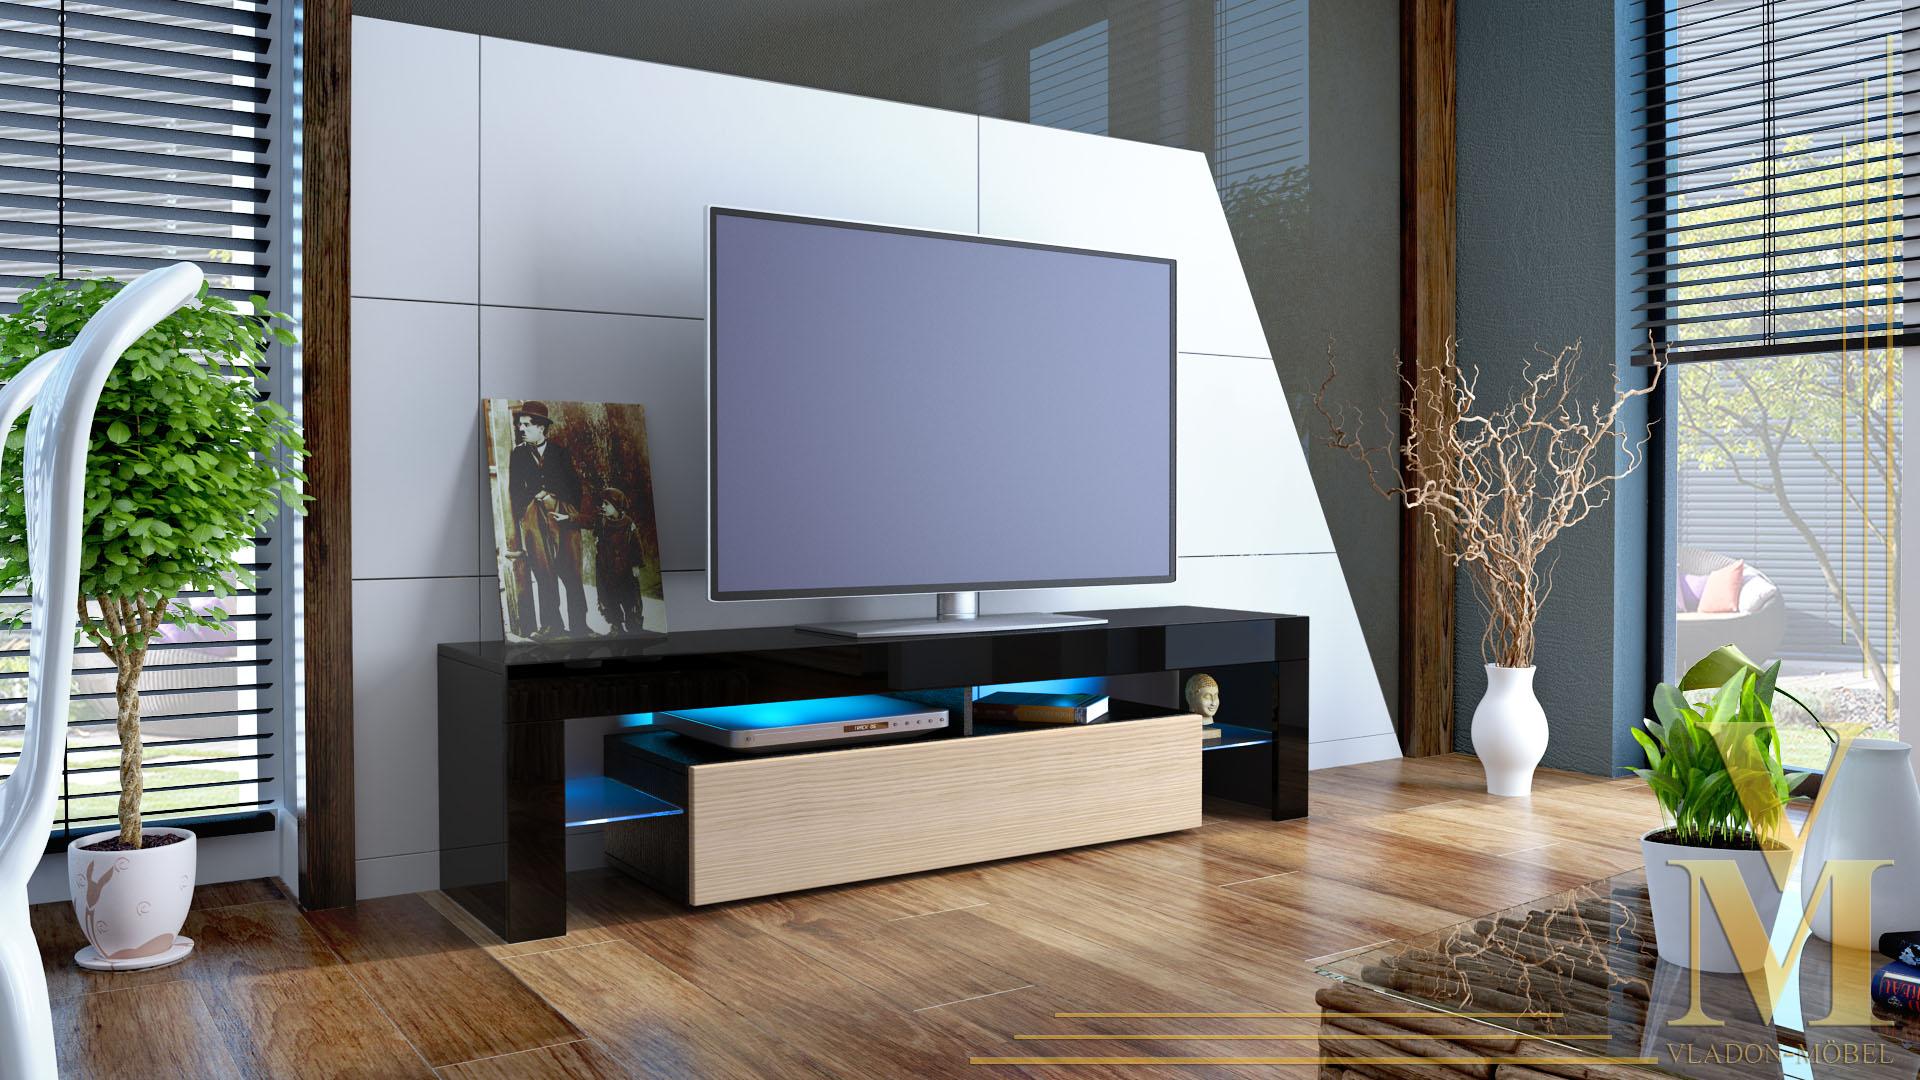 lowboard tv board kommode tisch rack moebel lima schwarz hochglanz amp. Black Bedroom Furniture Sets. Home Design Ideas